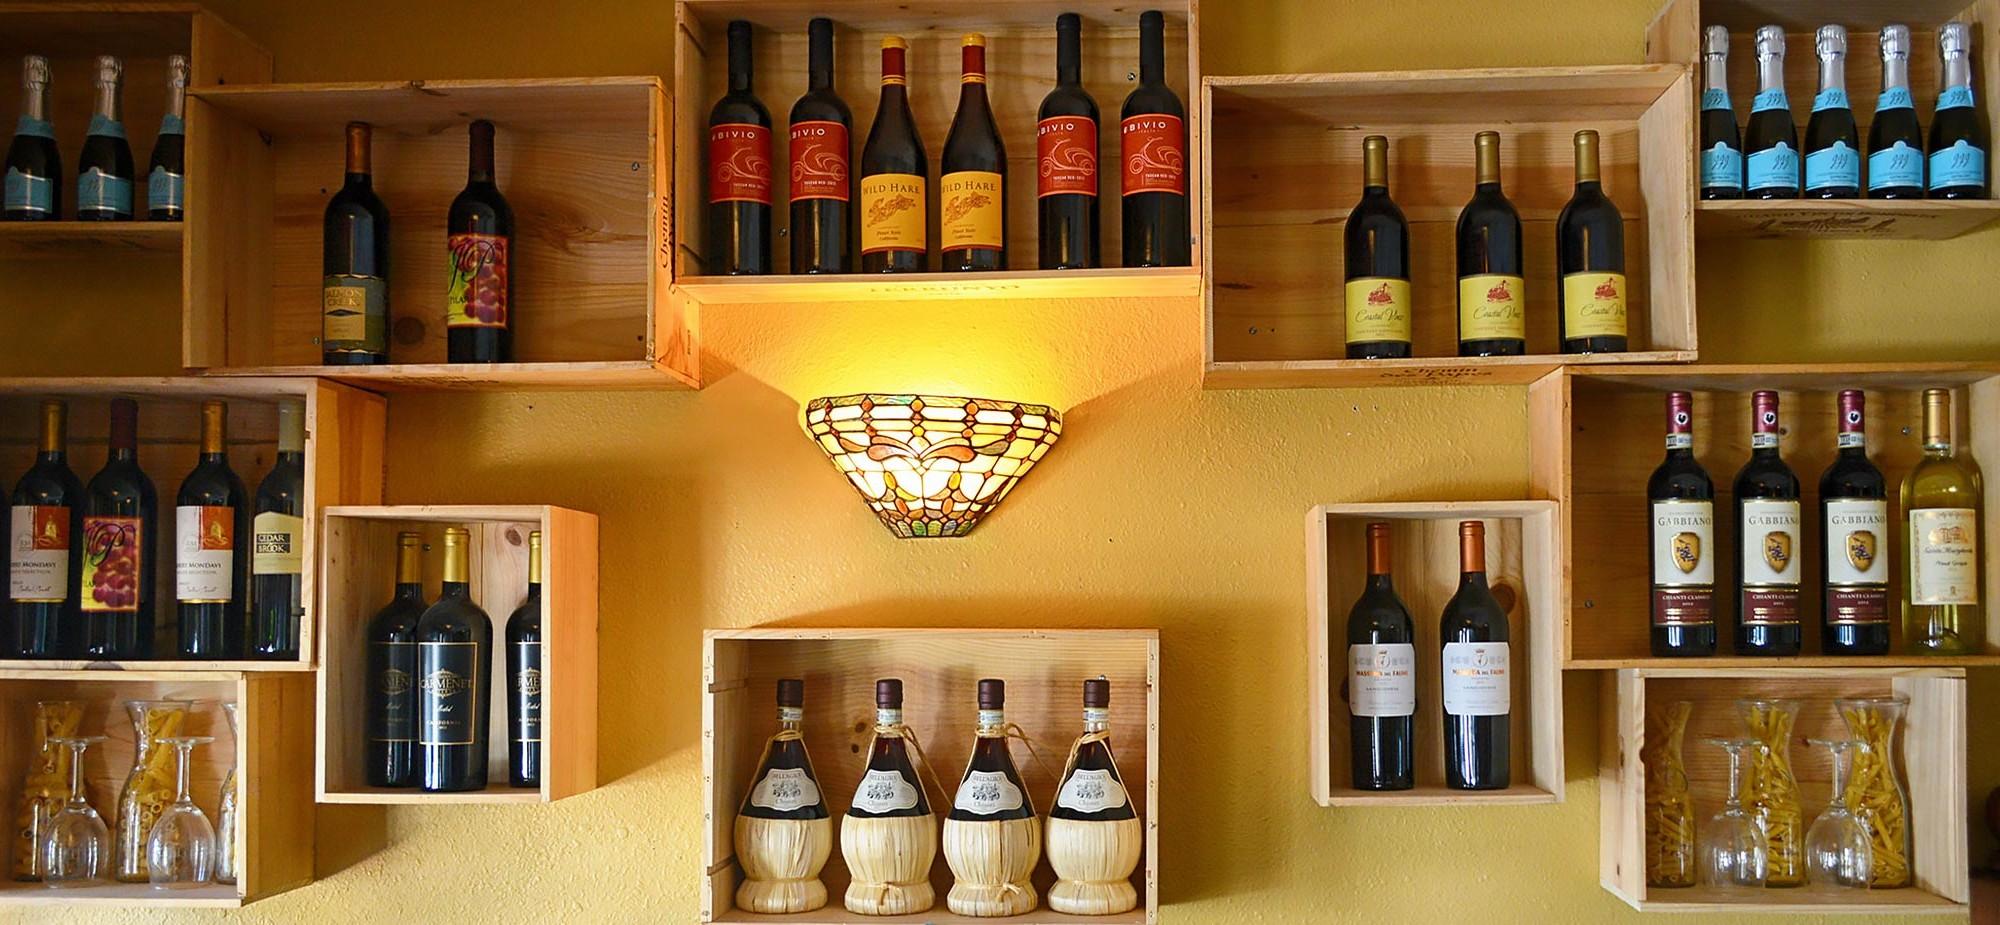 wines-el-cajon